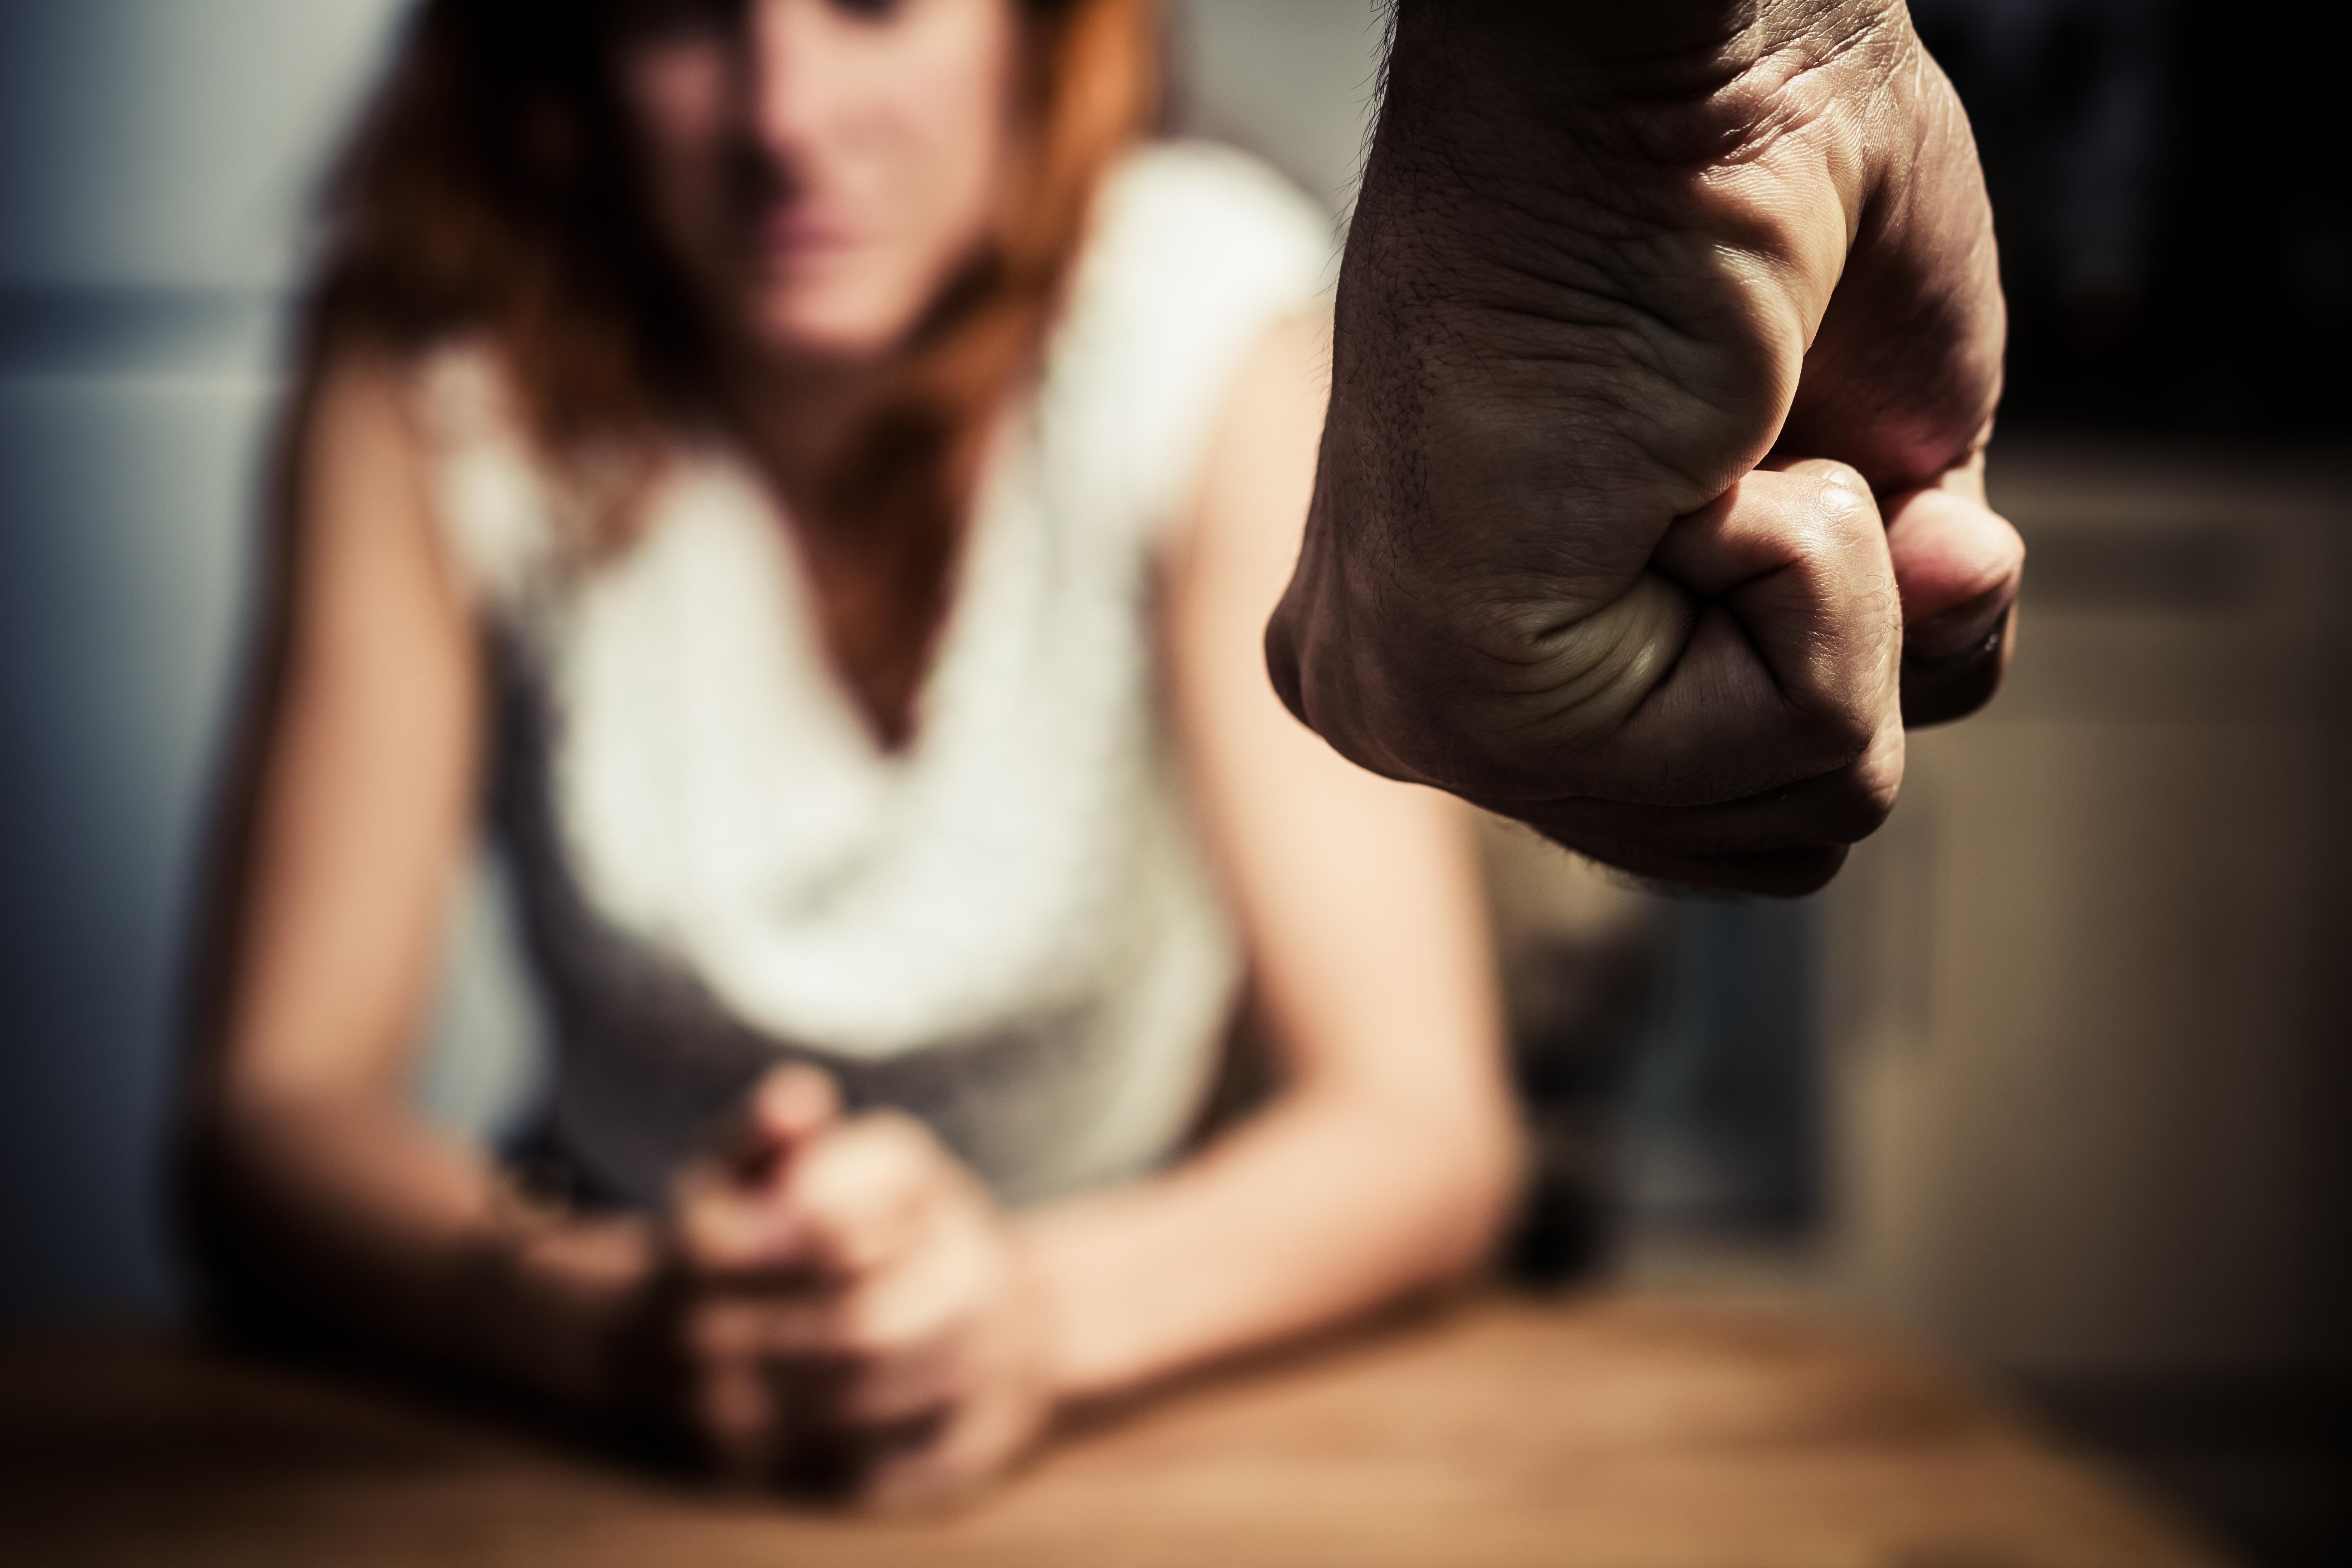 Juiz usa Bíblia para justificar violência contra mulher e absolve agressores